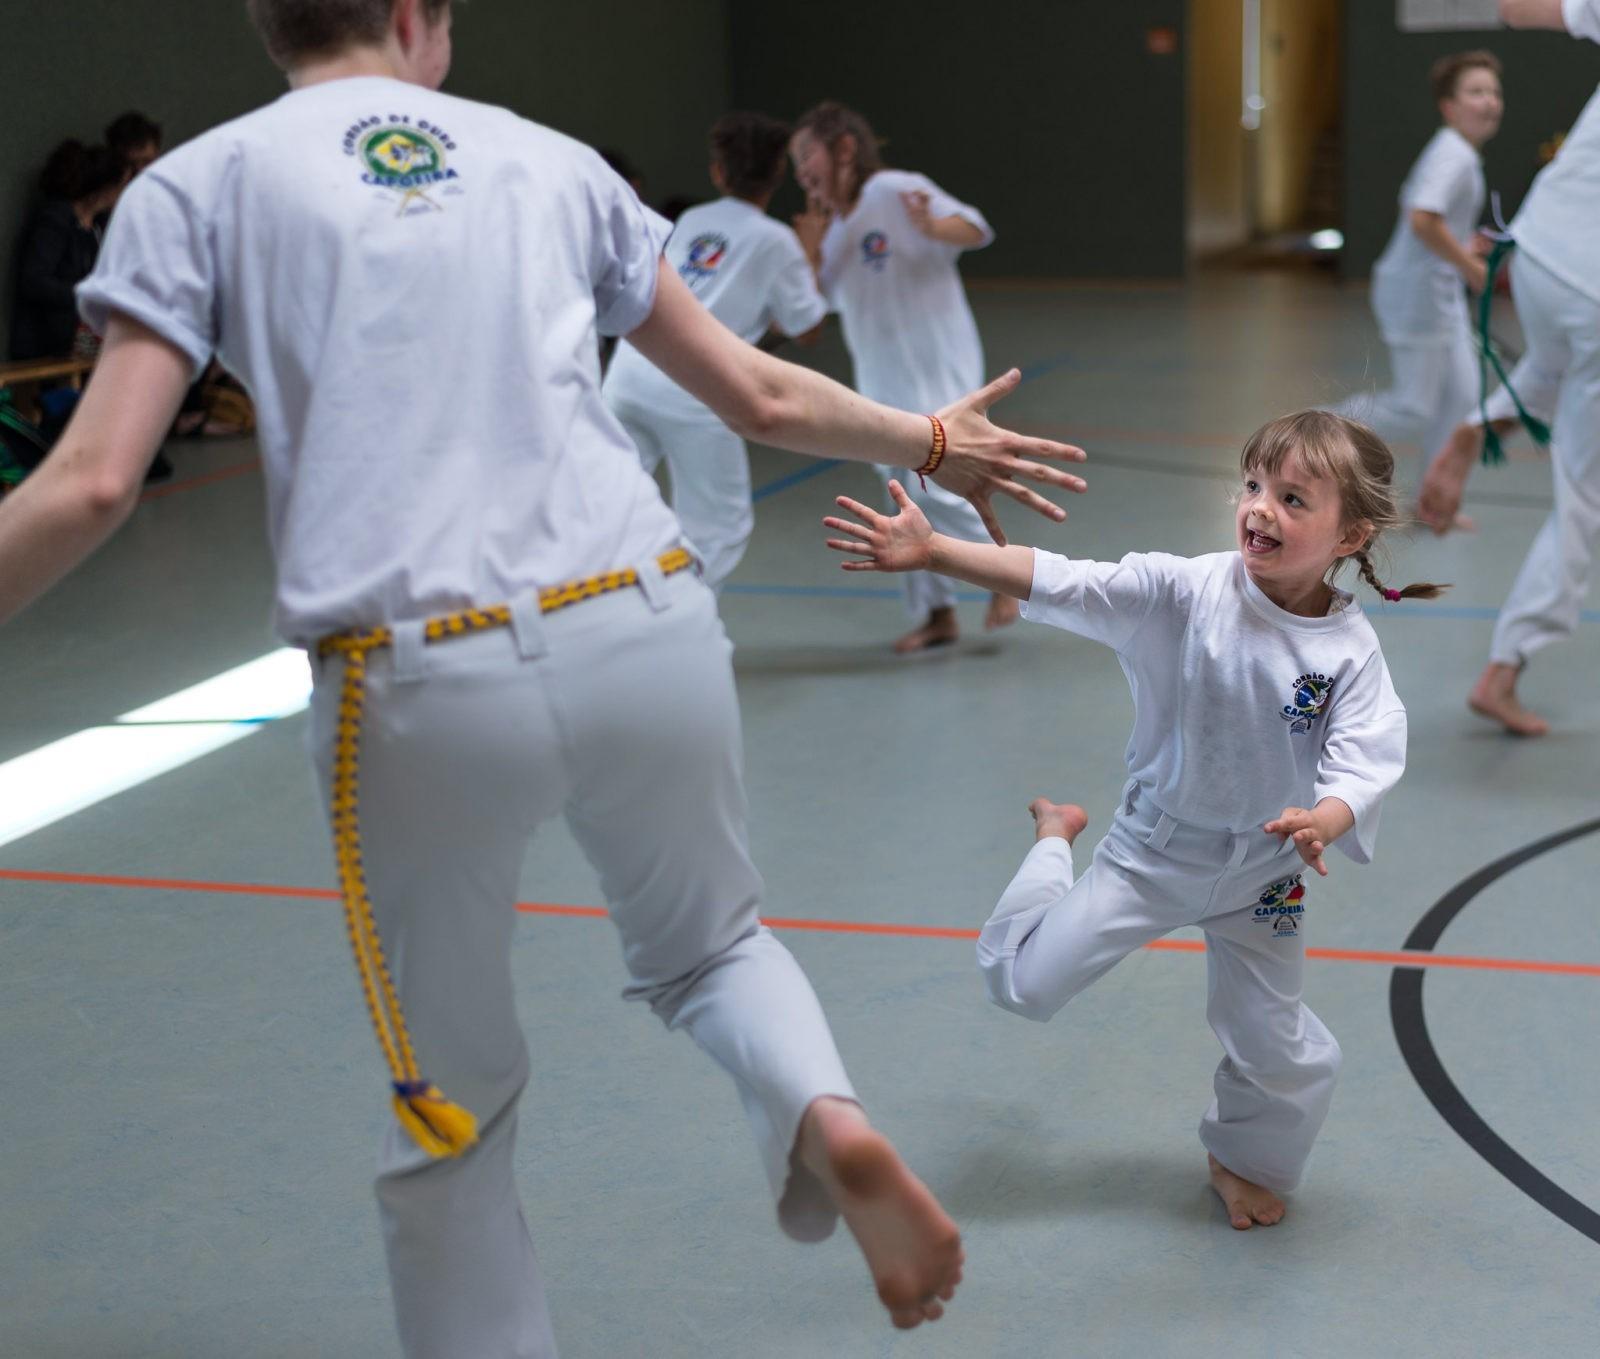 Capoeira Azania - Cordao de ouro - o Calado é Vencedor II - Berlin - 1015 - S